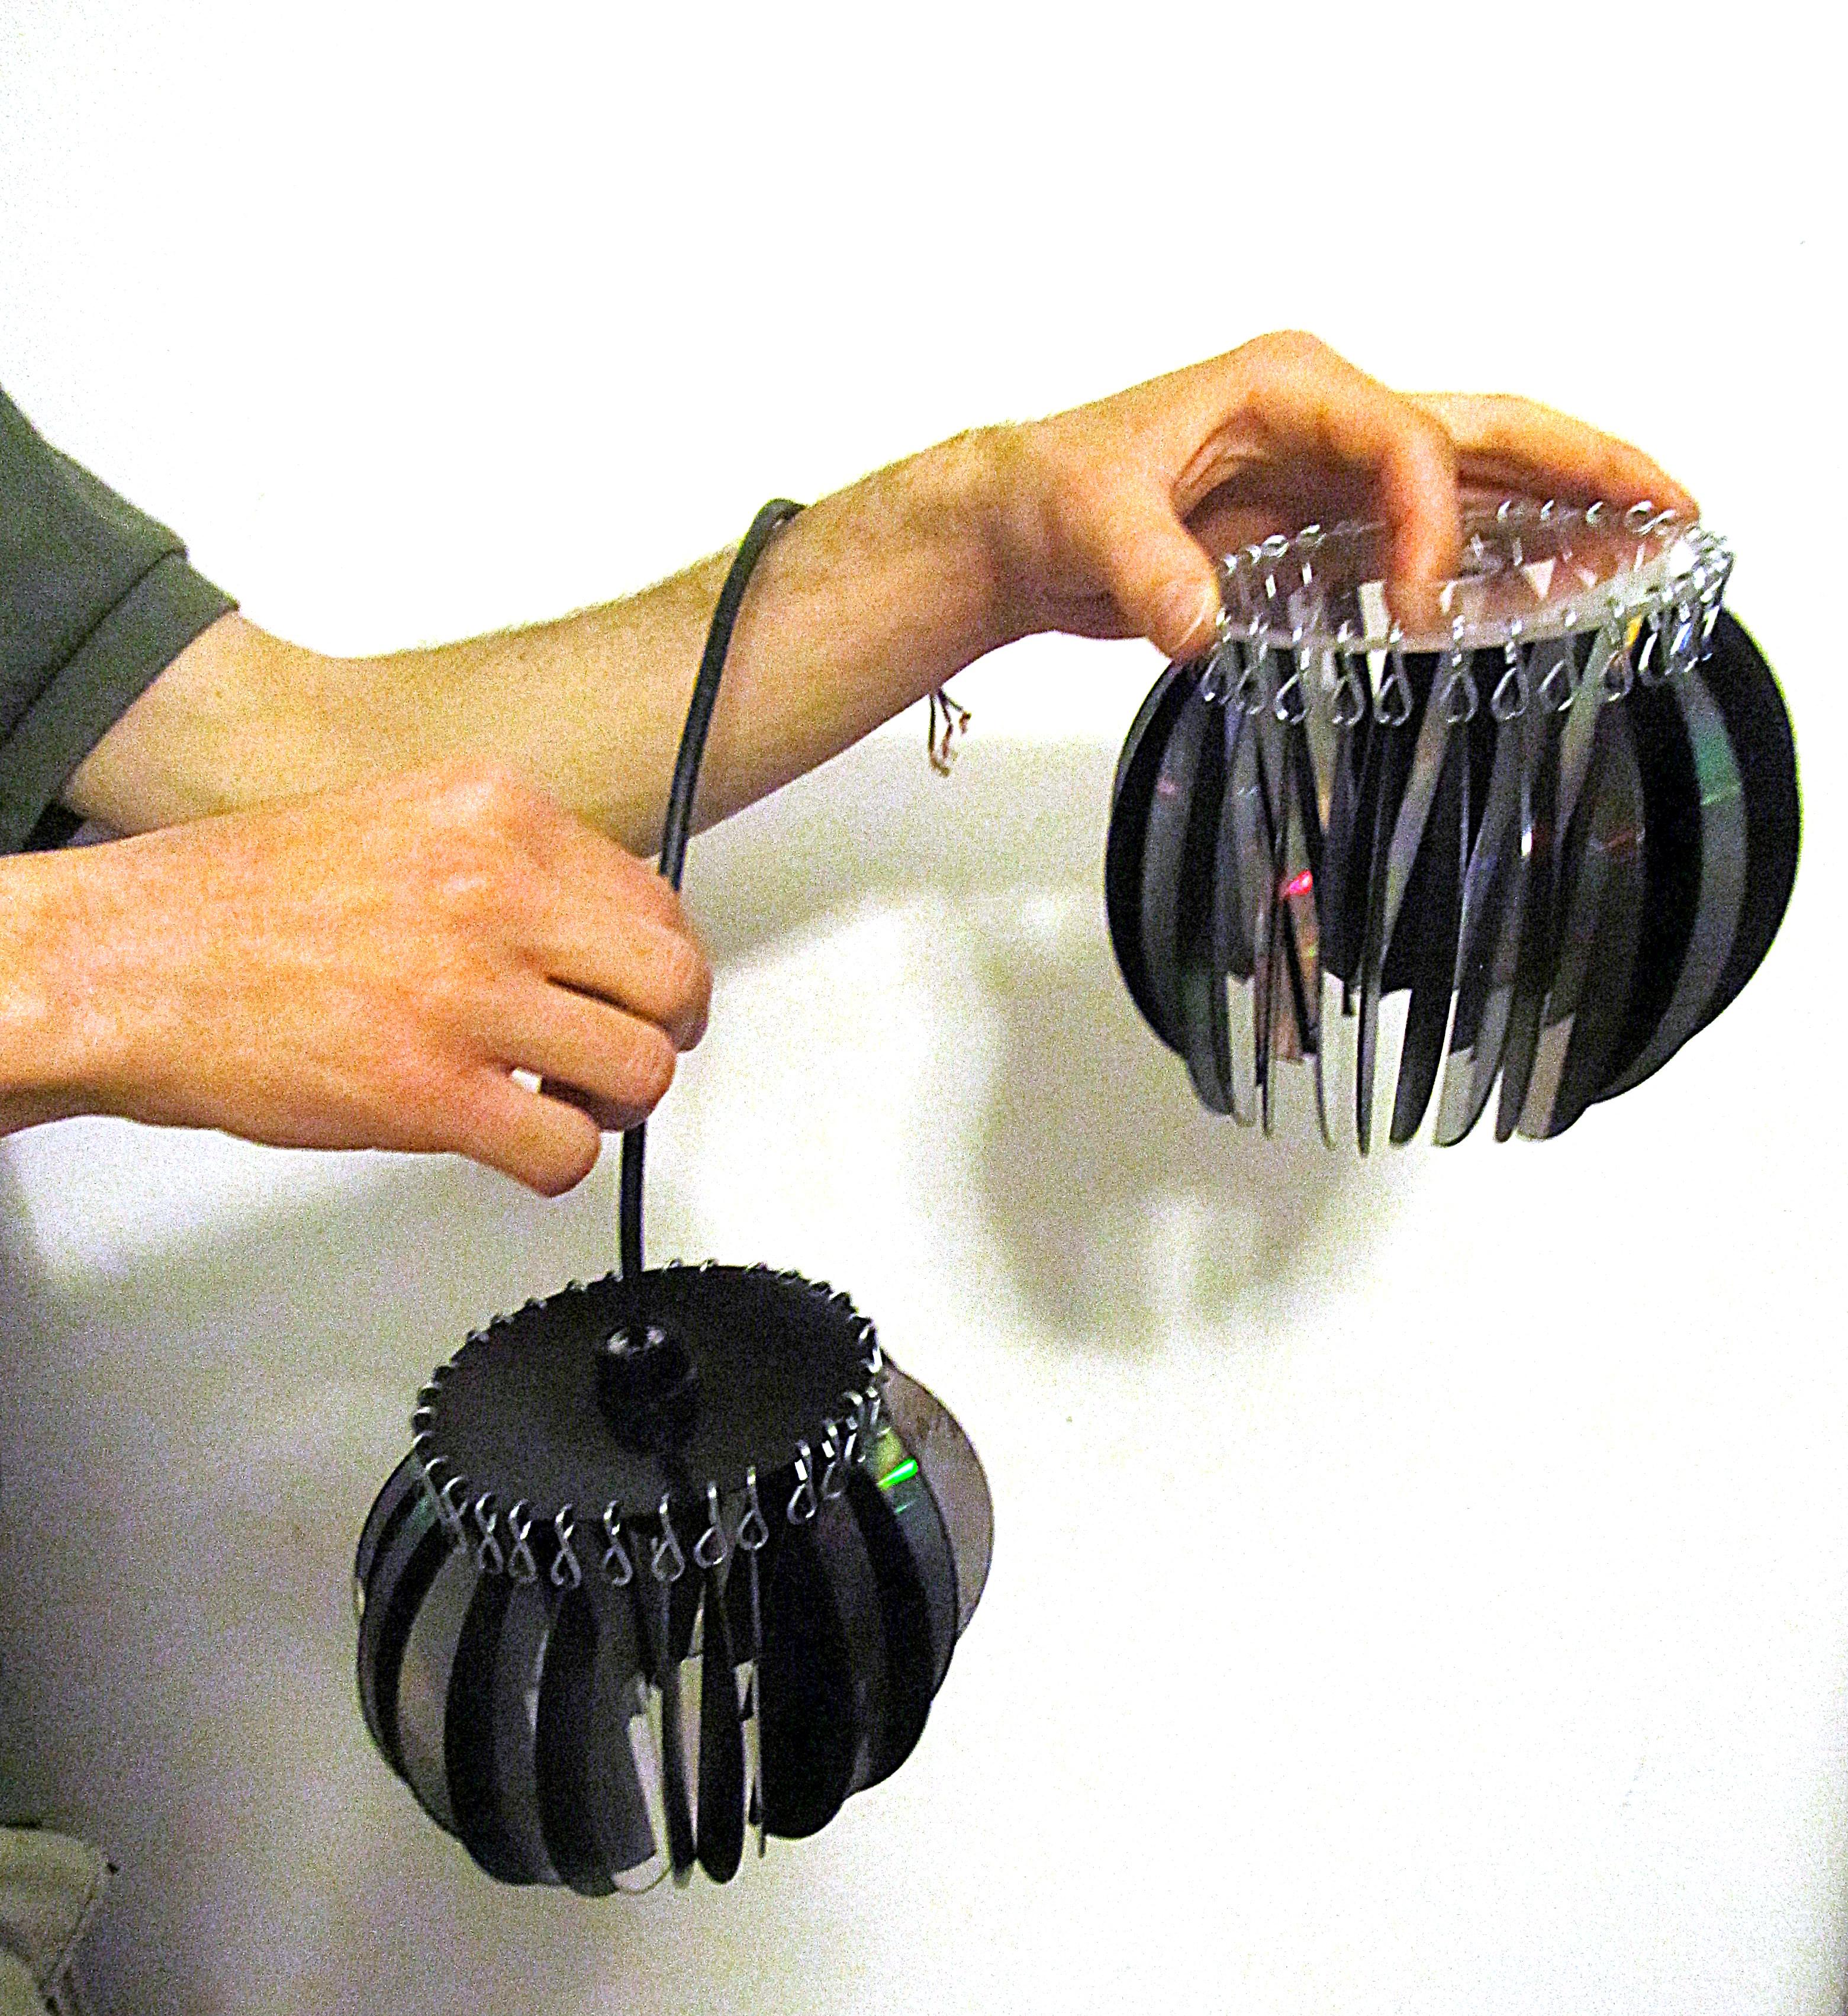 Lamp shades from computer disks